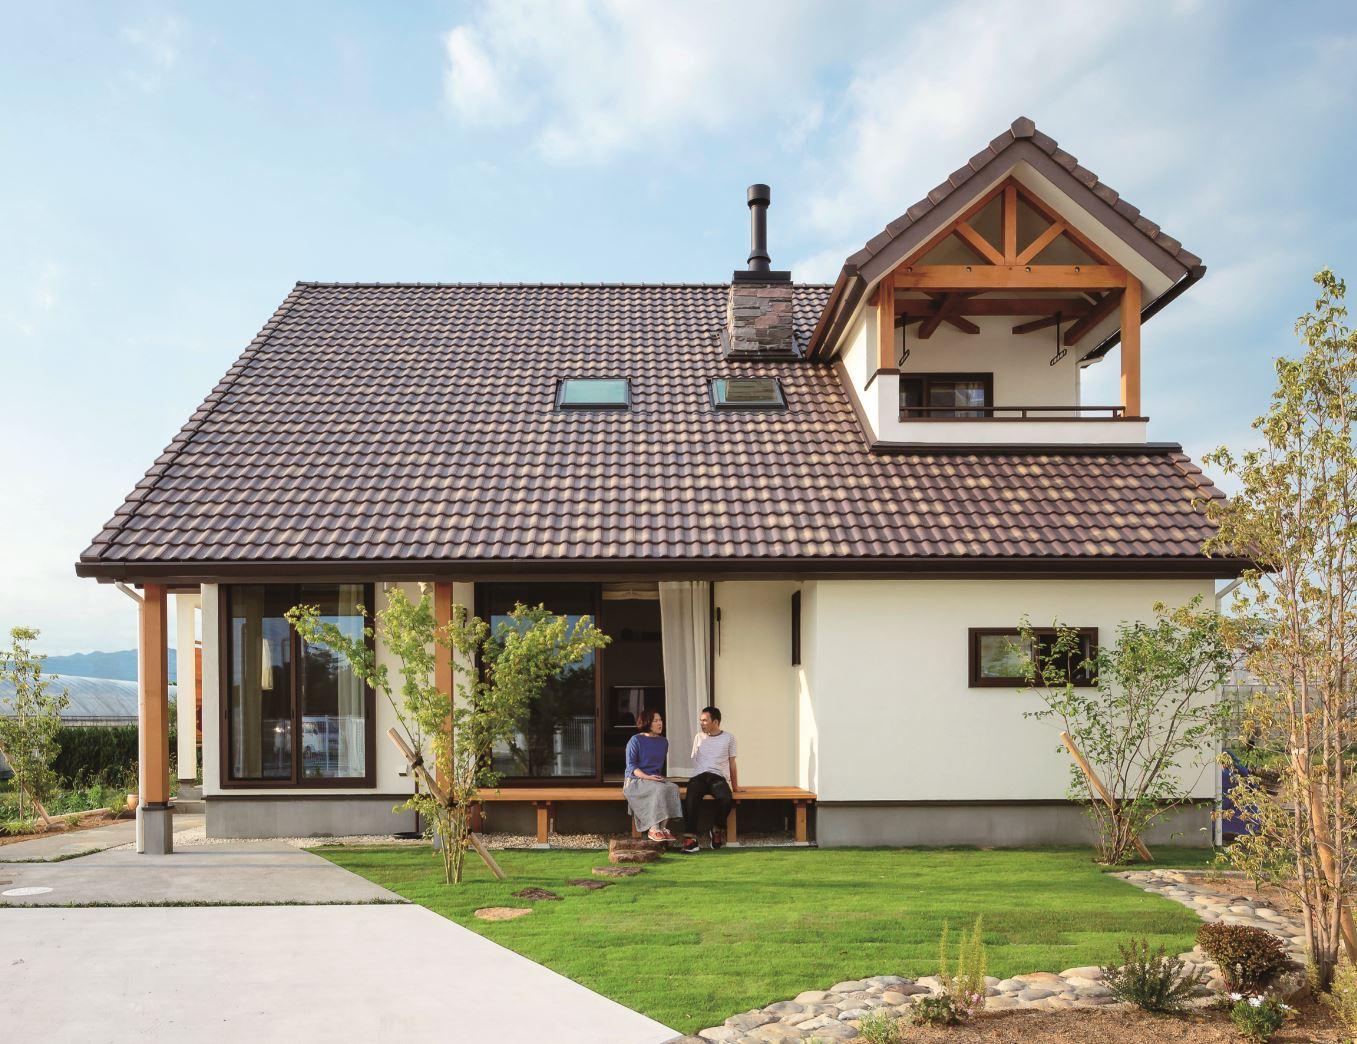 アイジースタイルハウス【デザイン住宅、自然素材、省エネ】大屋根のある平屋をイメージした山小屋風の外観。庭の沓脱石は奥さまのお父さまが趣味で集めていた石を採用し、職人が色合いを整えた